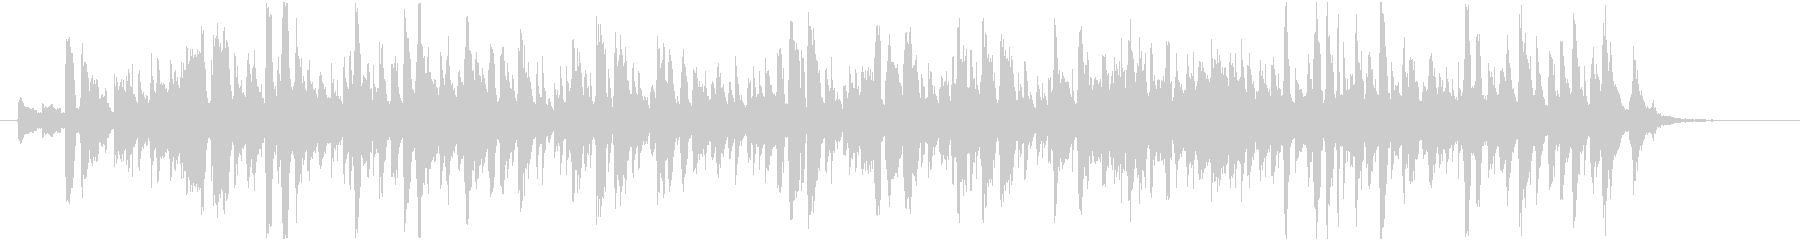 マンゴーをテーマにした楽曲の未再生の波形